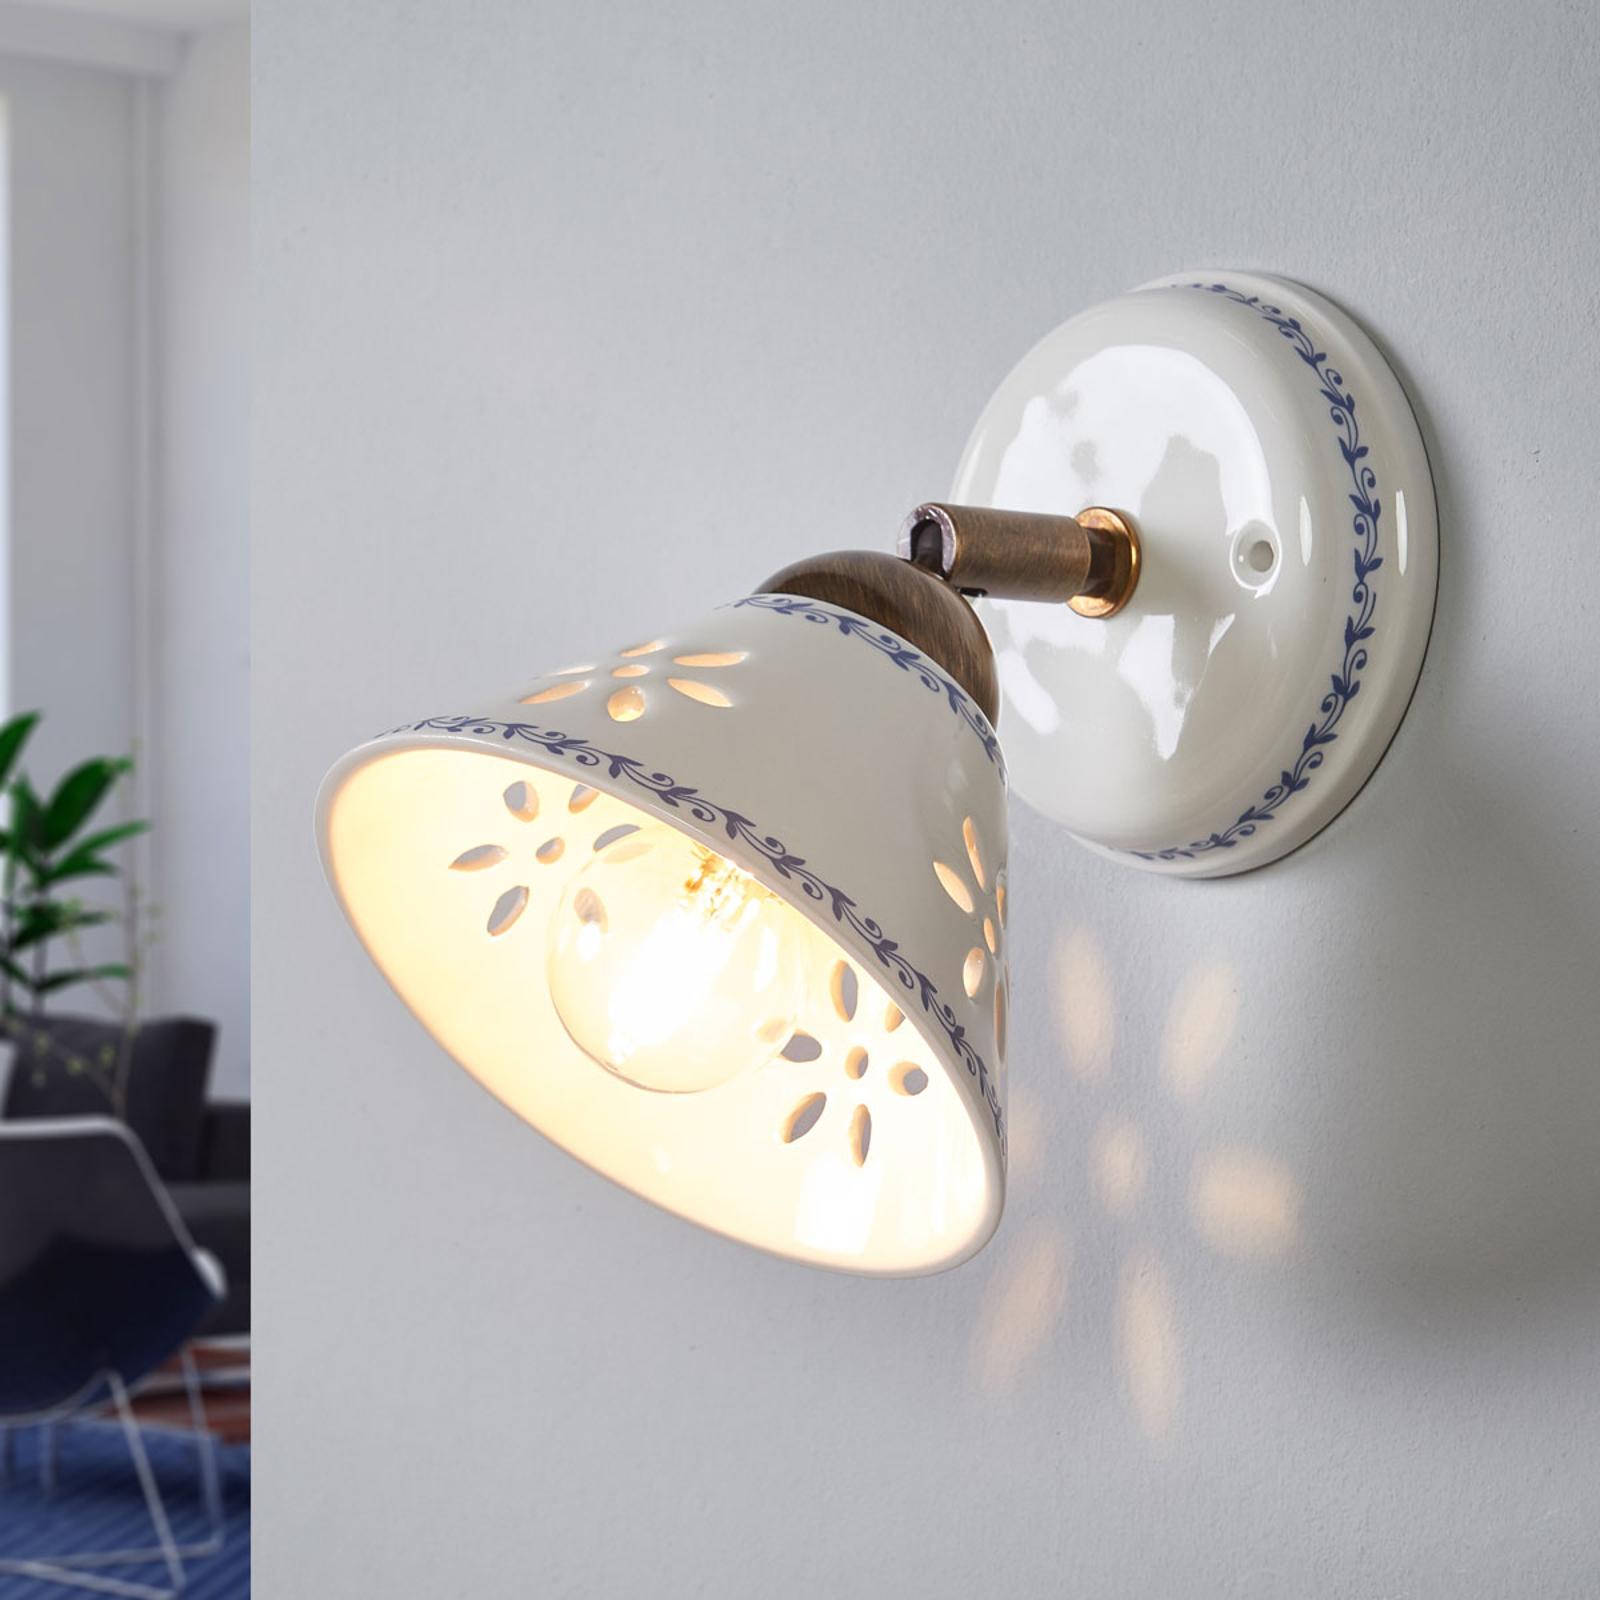 Vägglampa NONNA av vit keramik